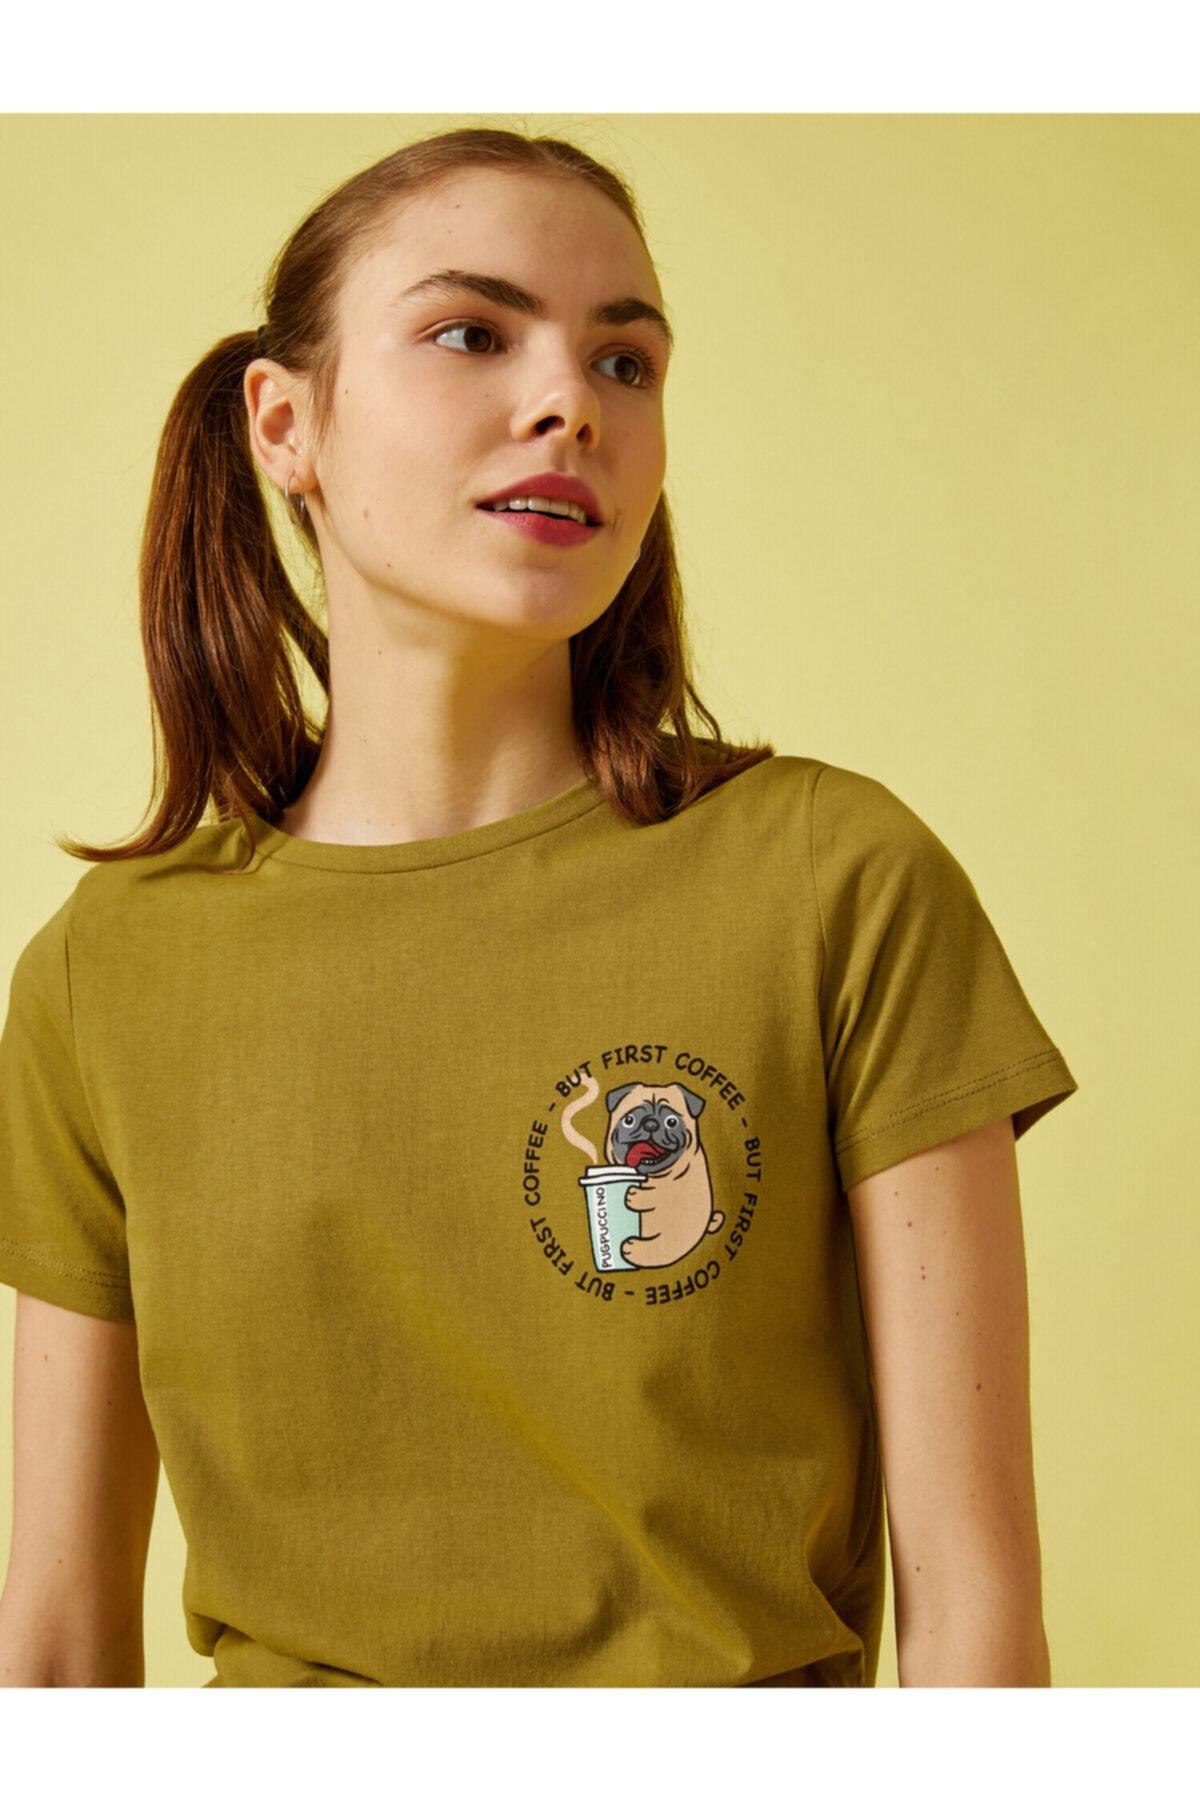 Kadın Baskili Bisiklet Yaka Pamuklu T-Shirt